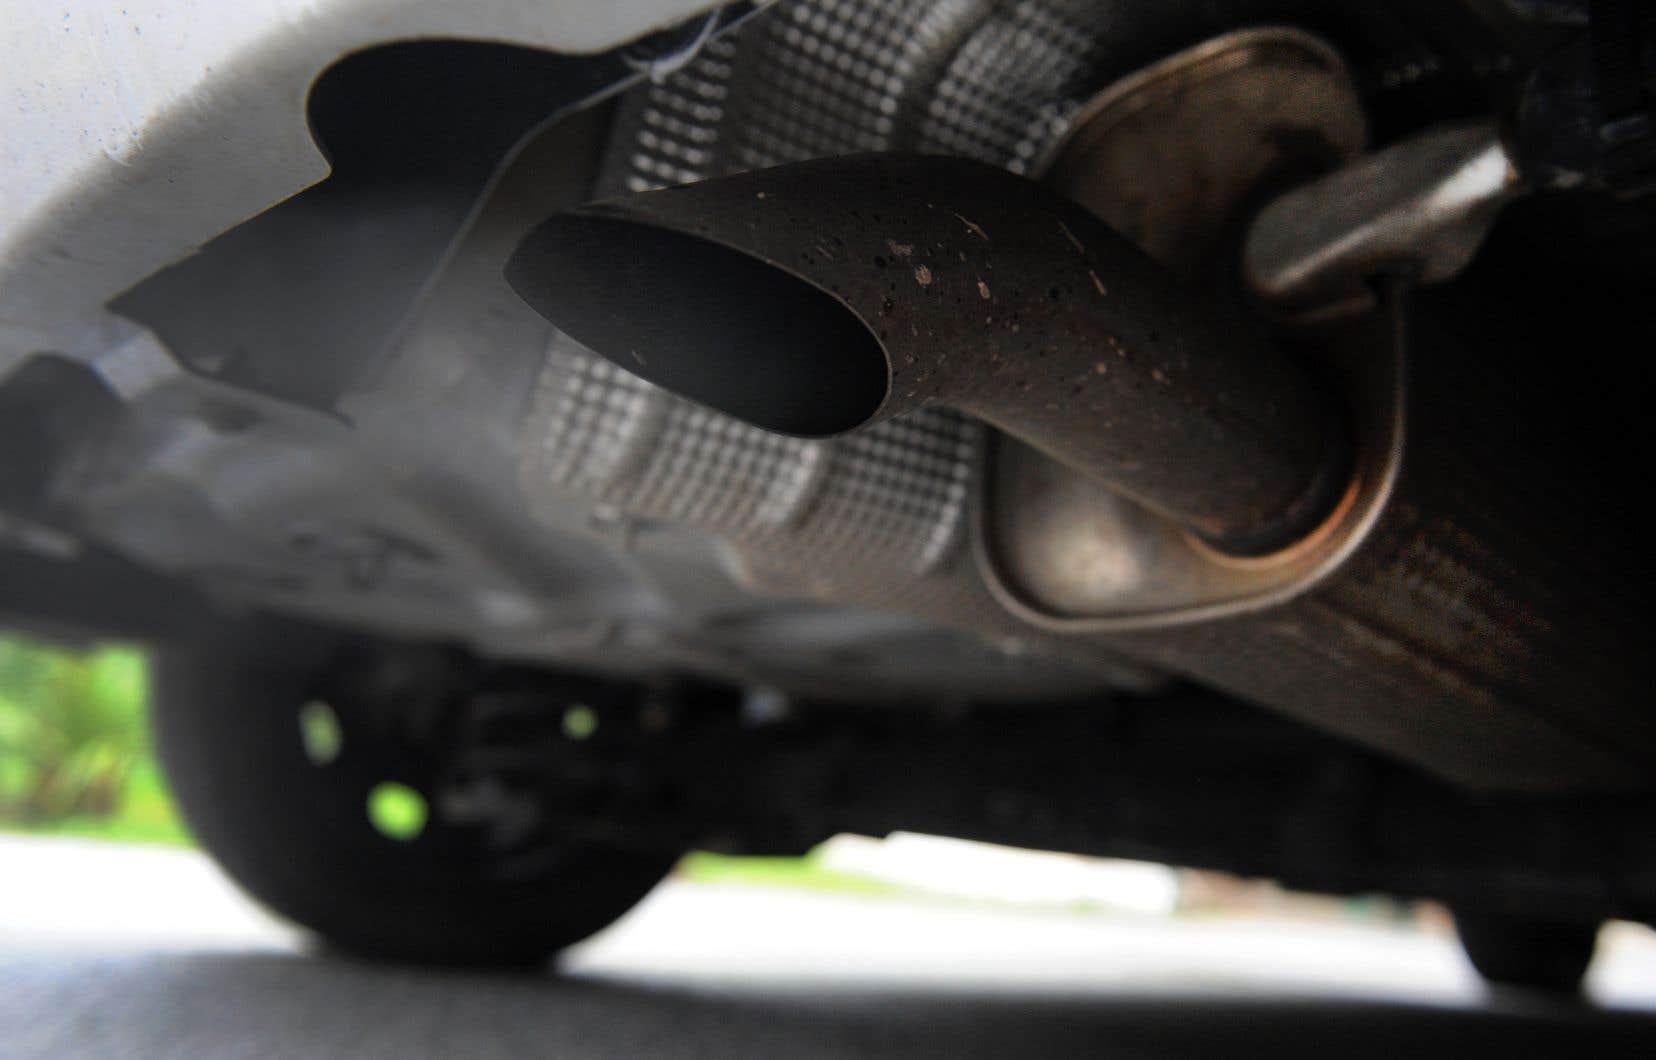 Le scandale des moteurs diesel revient hanter les constructeurs allemands après des révélations sur des tests visant des singes et des humains.